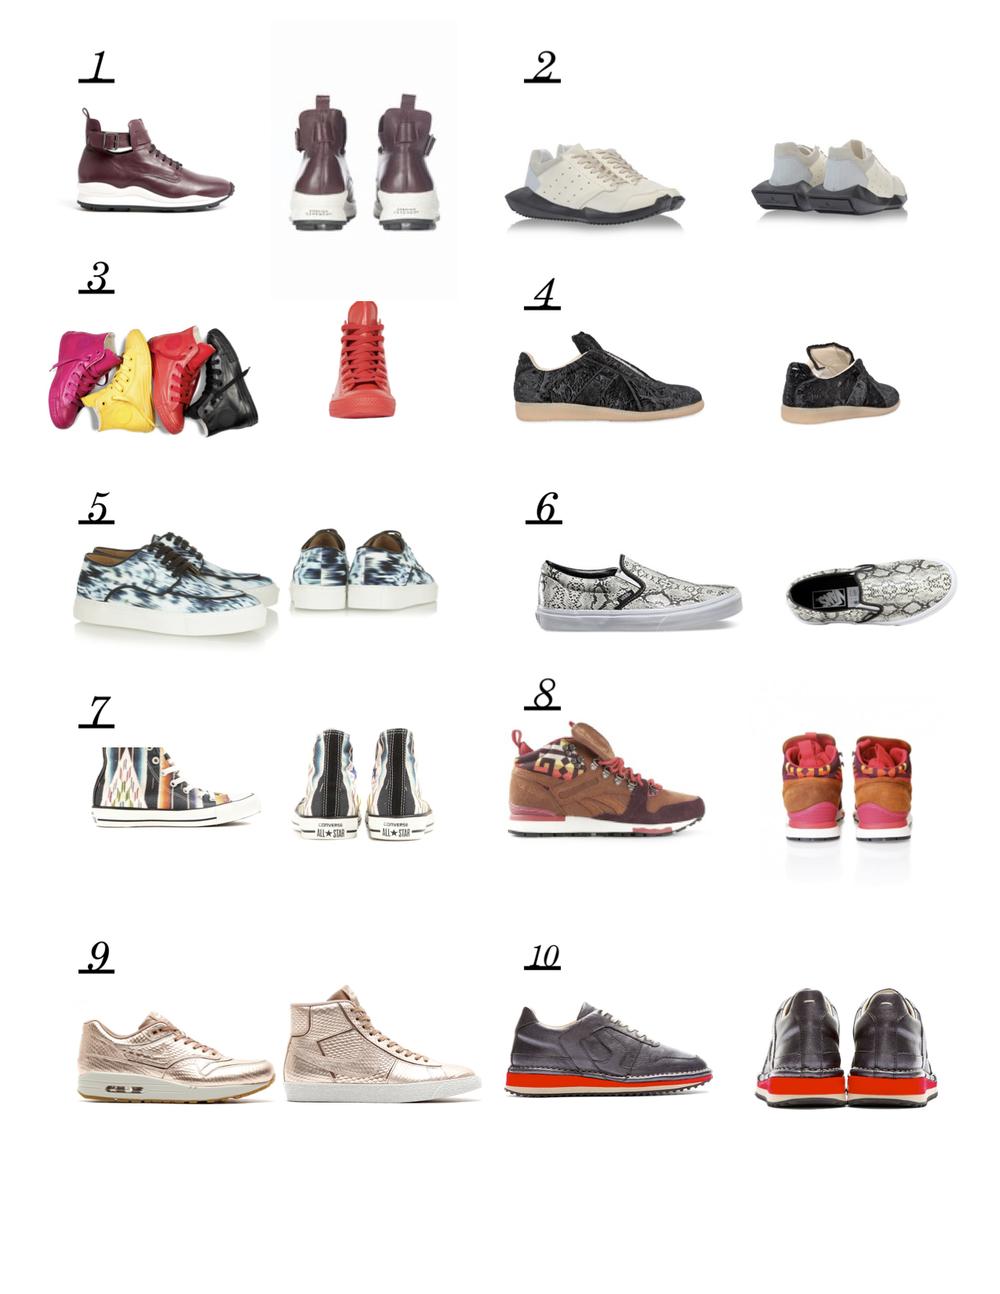 SneakerFallPersonality